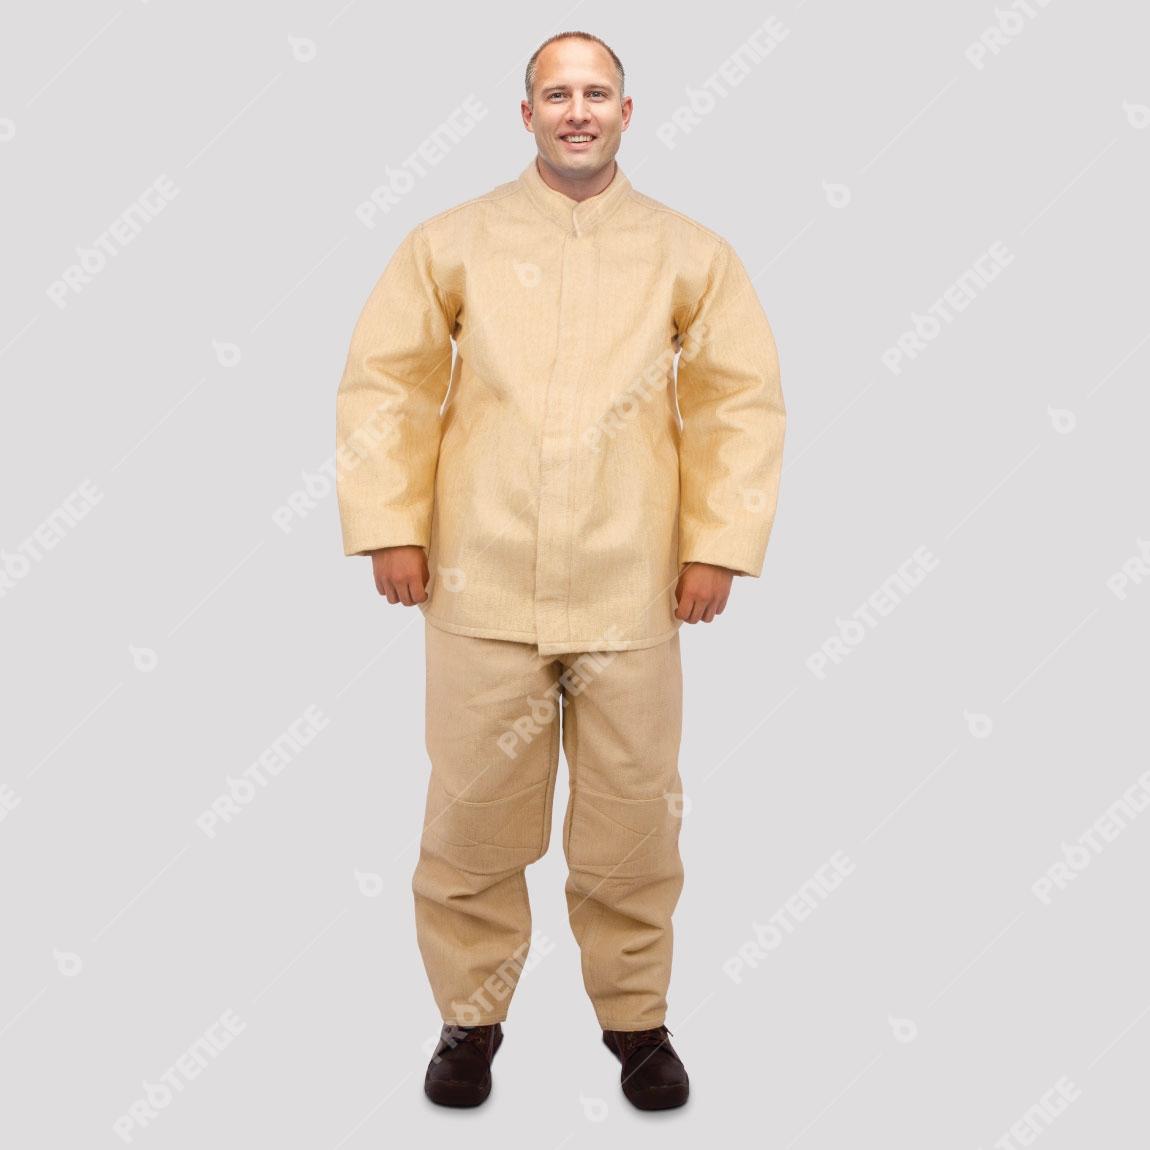 a6dc13b902 Blusão PROHeat® FN Alta Temperatura - Protenge EPI com Engenharia